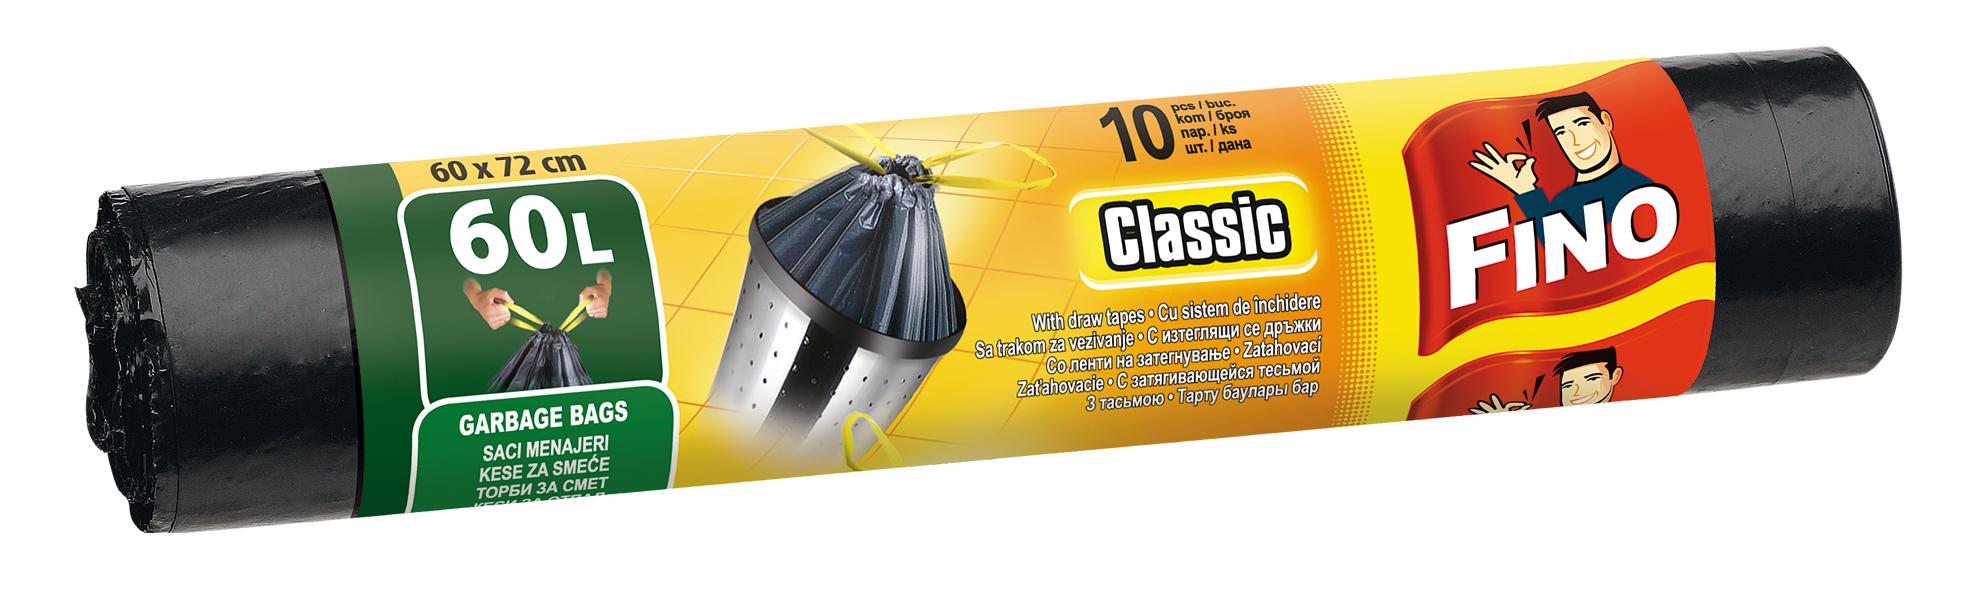 Fino pytle na odpadky zatahovací, 60 l 10 ks